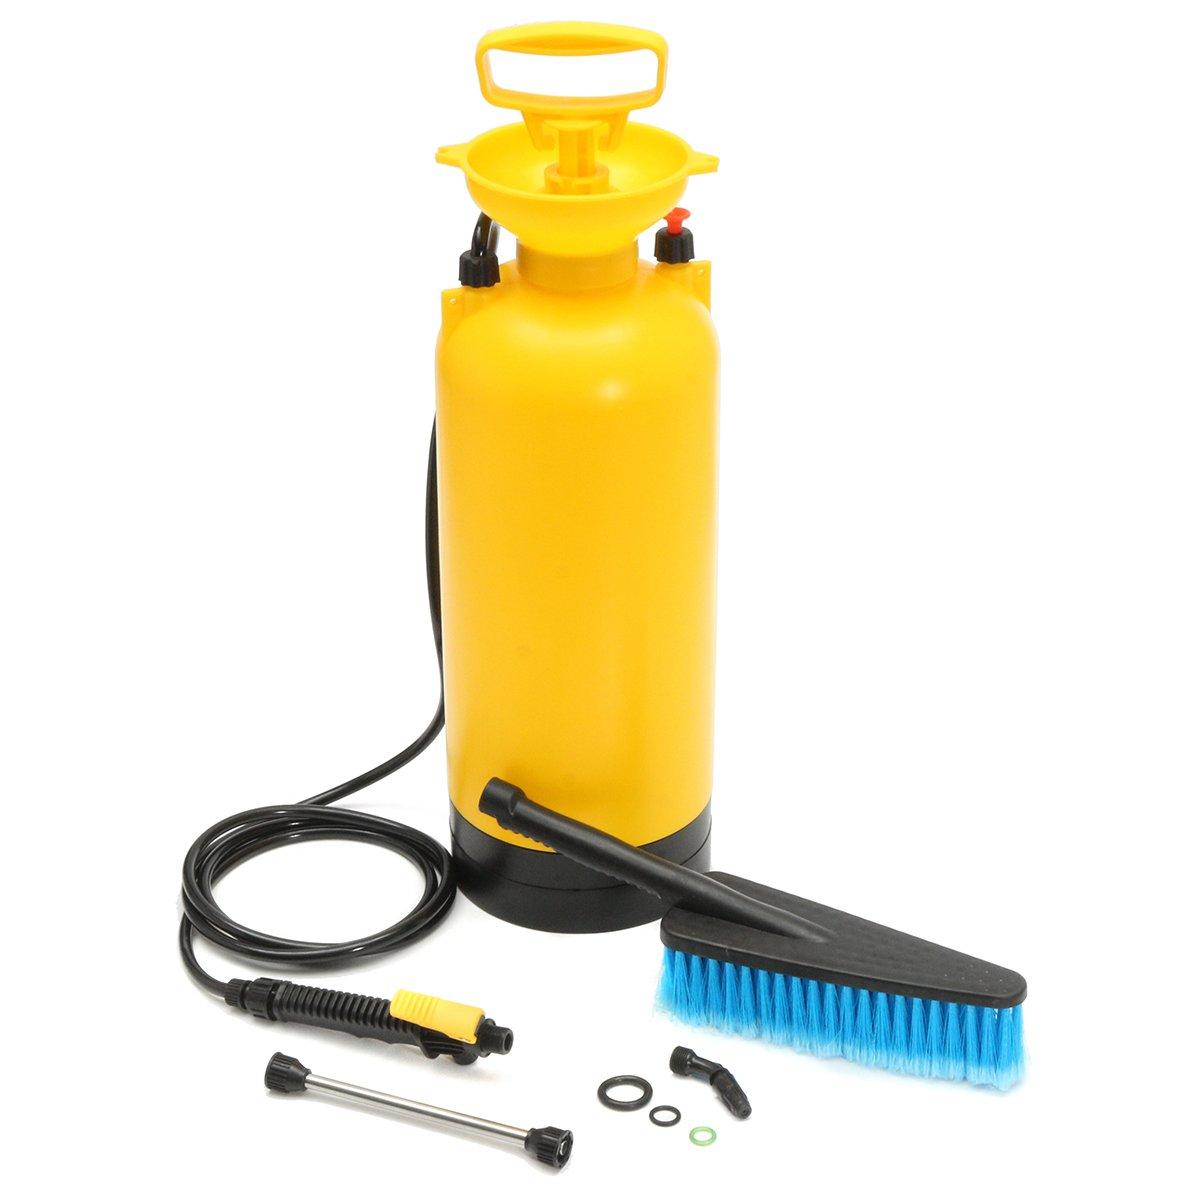 DADANGSH 8Lポータブル圧力洗浄機パワーポンプスプレー洗車ブラシホースランスクリーナー DIYツール B07RQ8QFC5